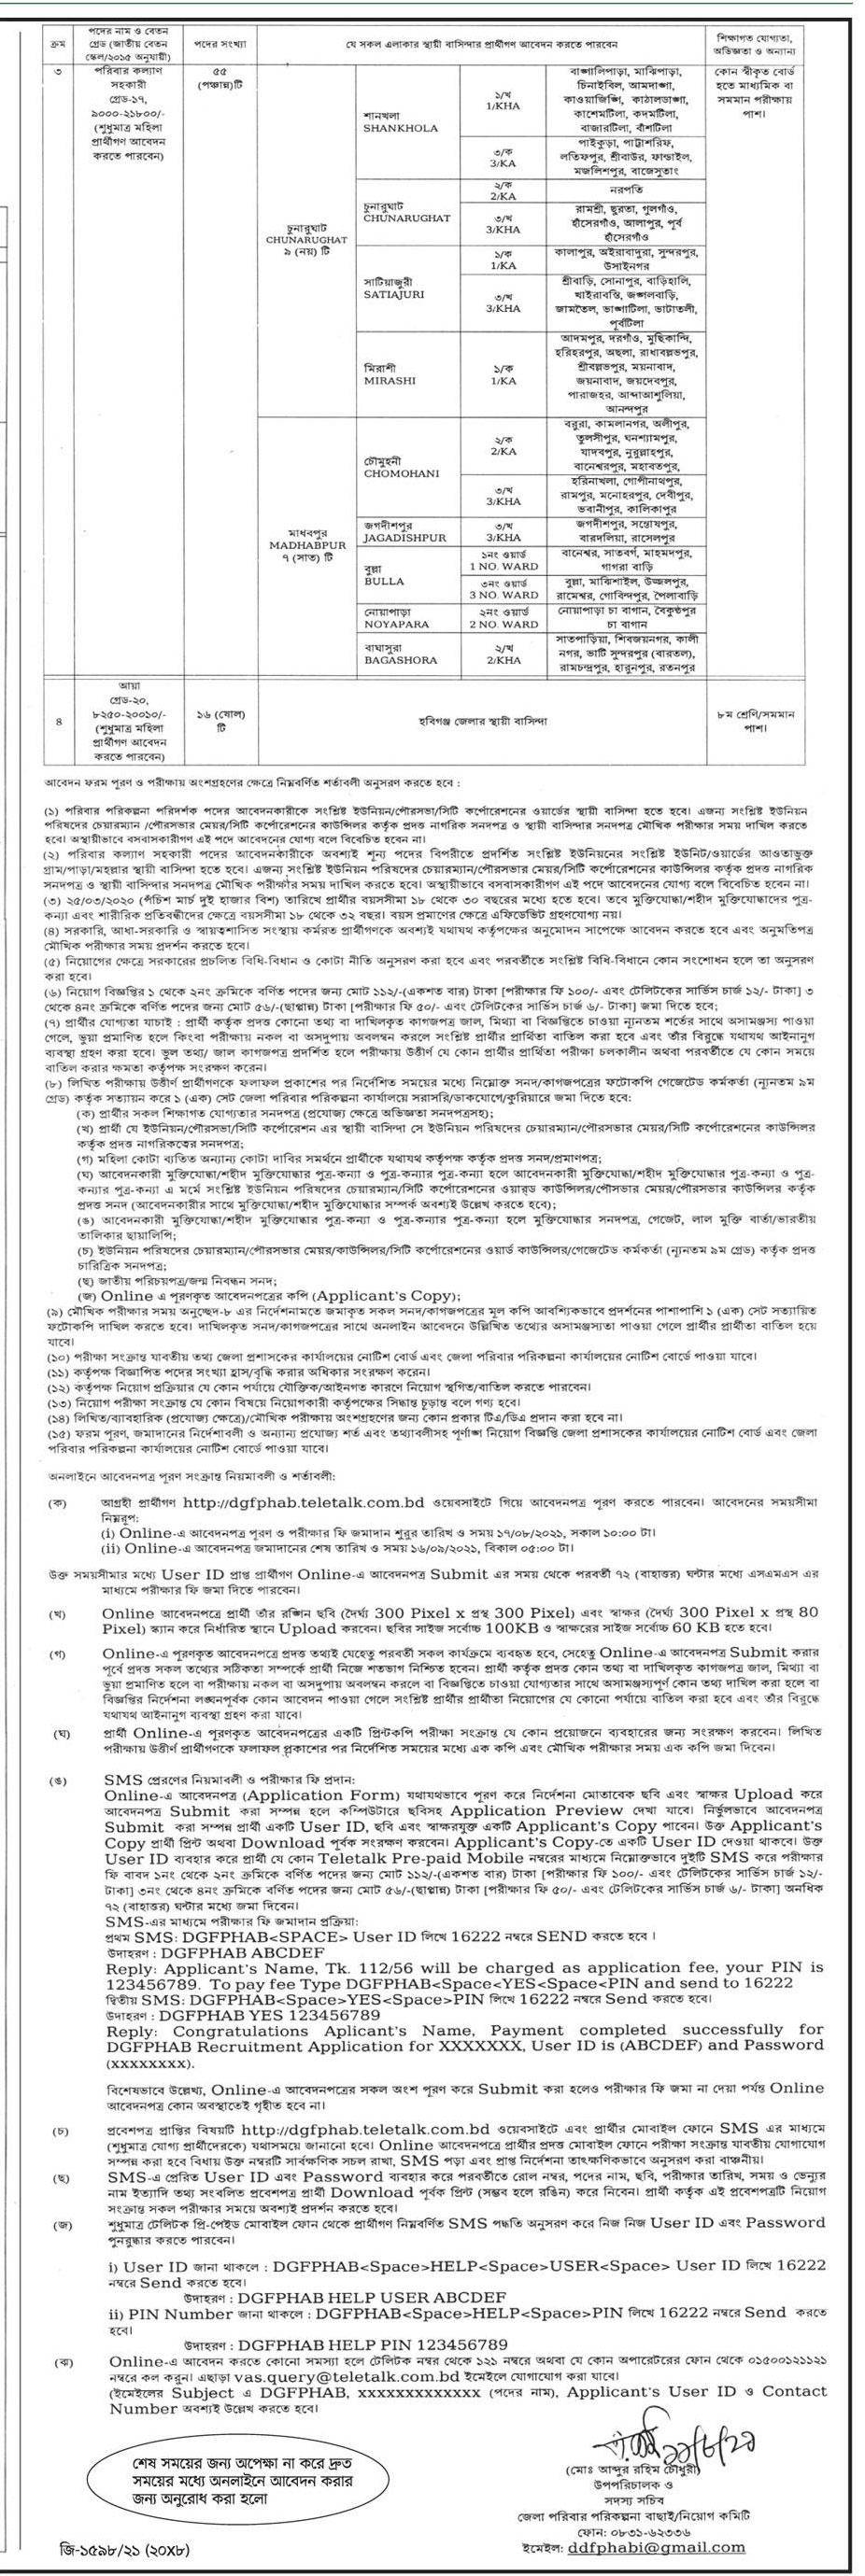 জেলা পরিবার পরিকল্পনা কার্যালয় নিয়োগ ,হবিগঞ্জ